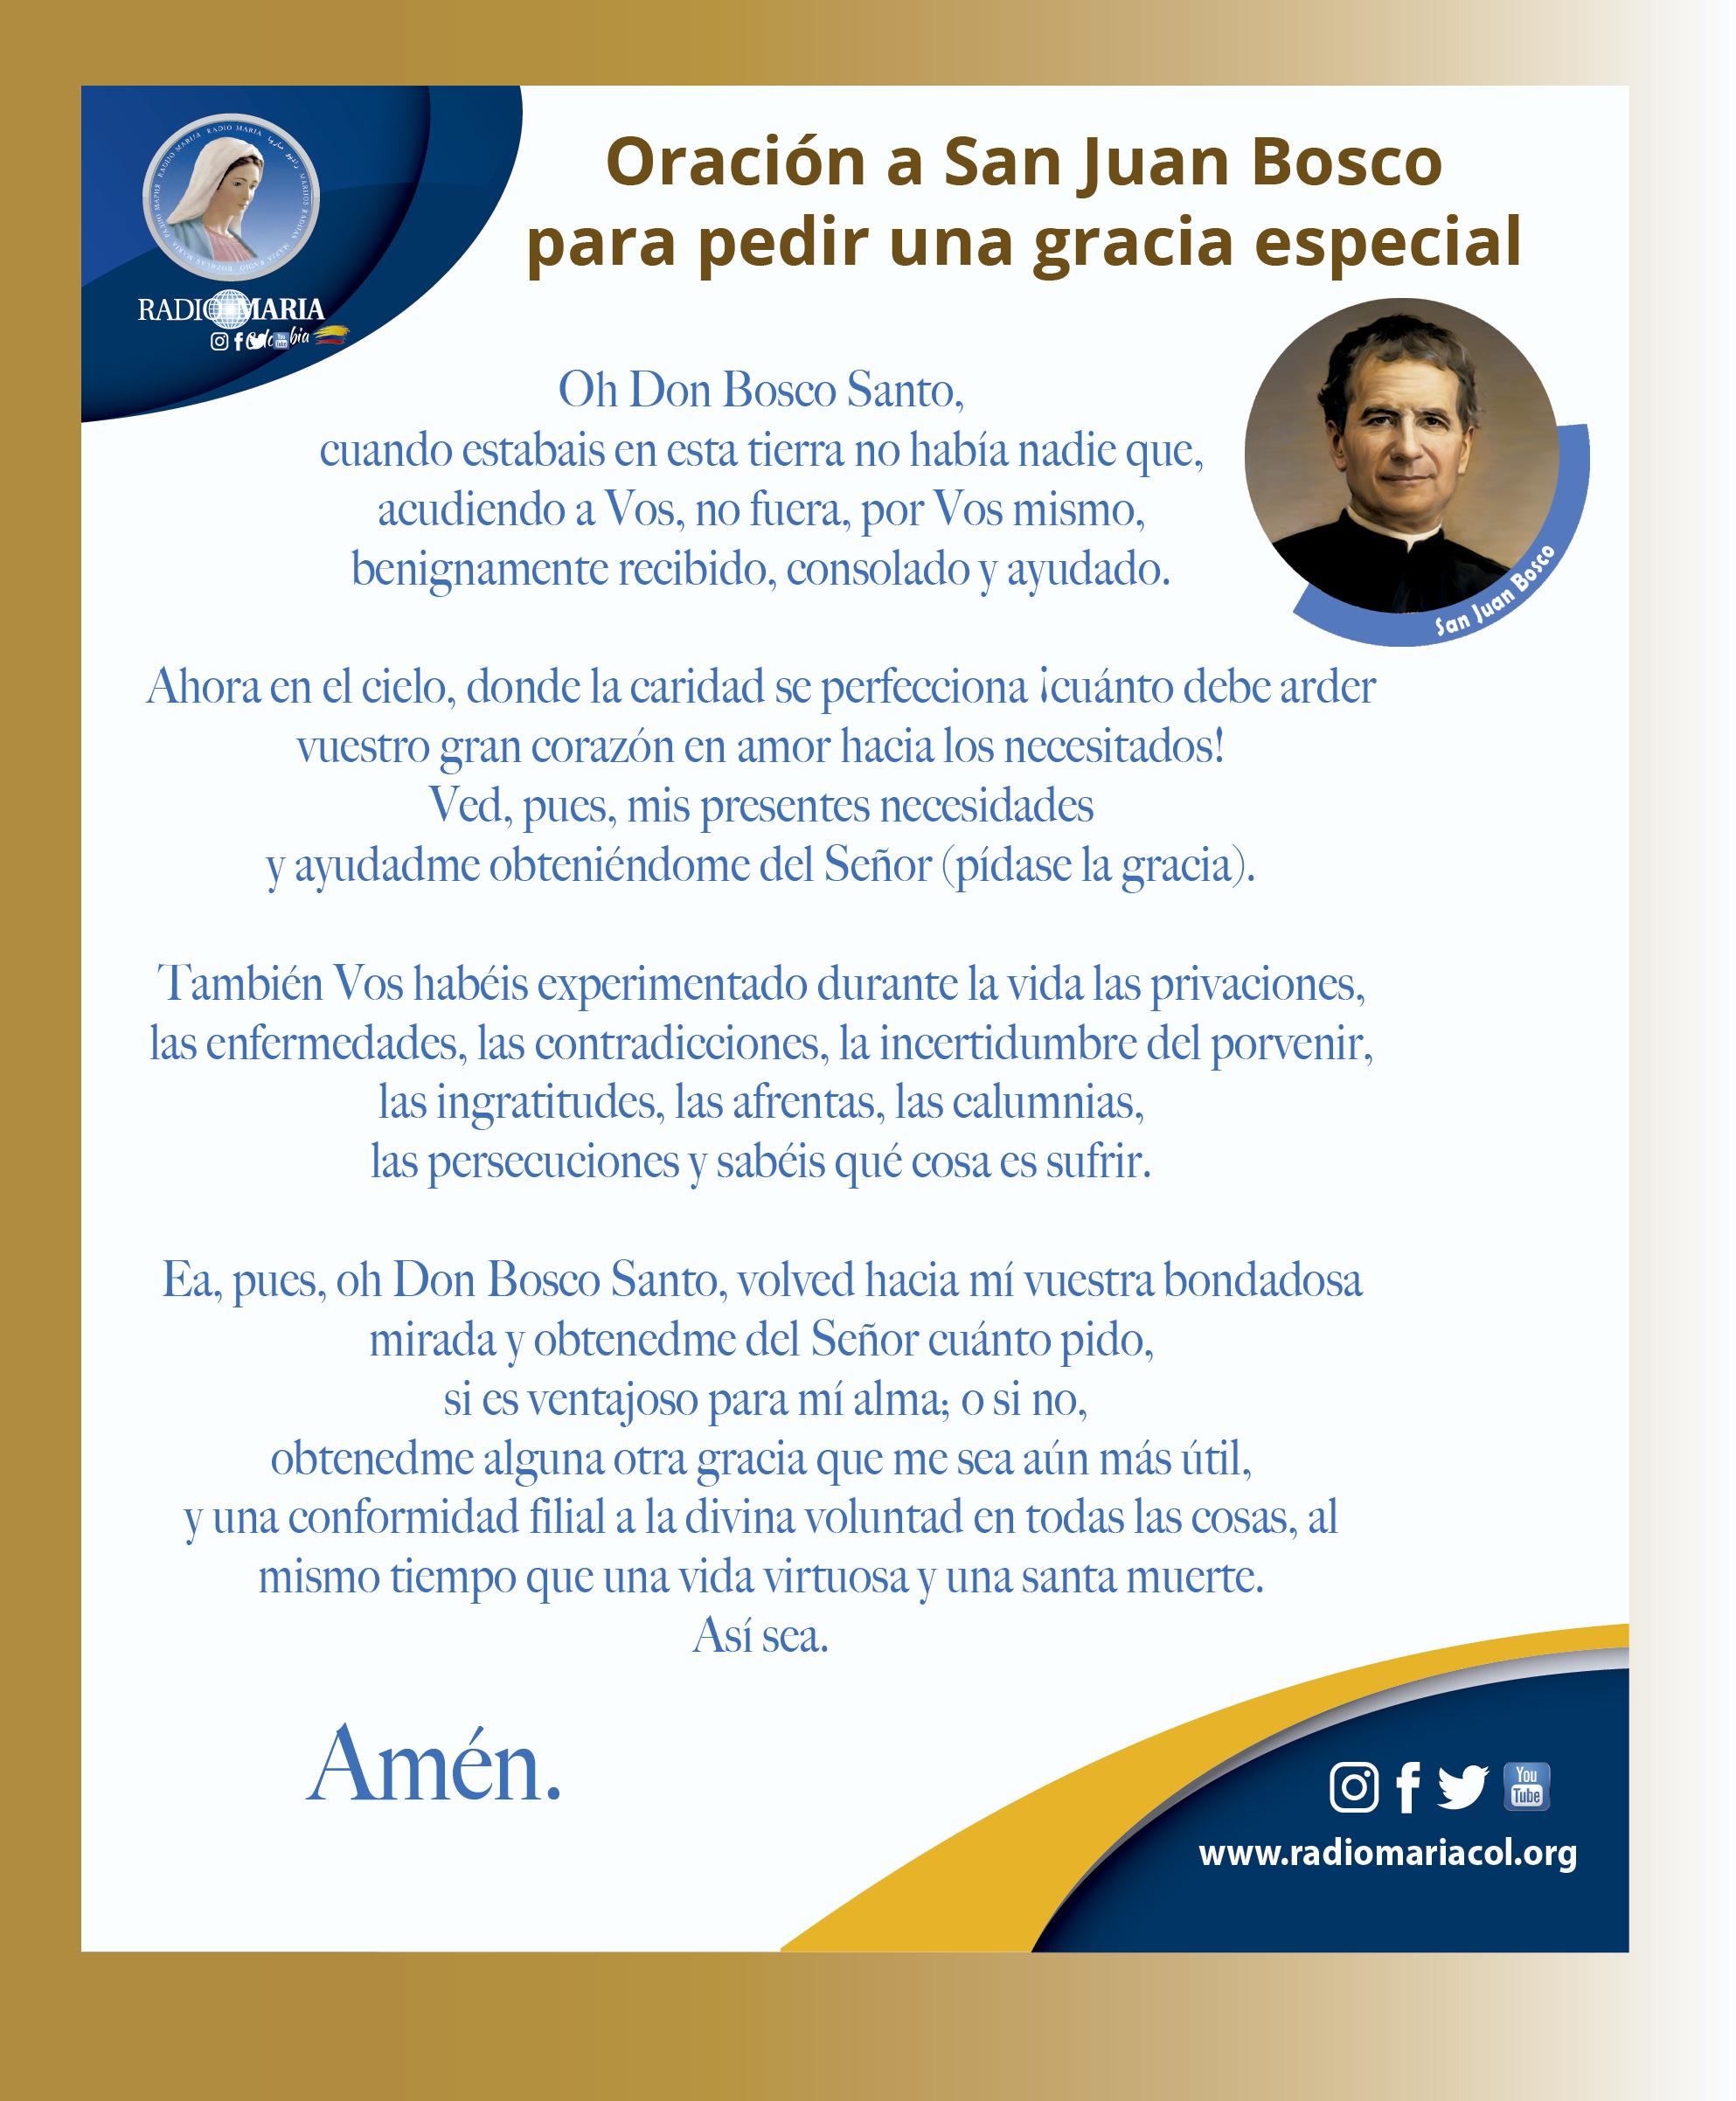 Oración a San Juan Bosco para pedir una gracia especial